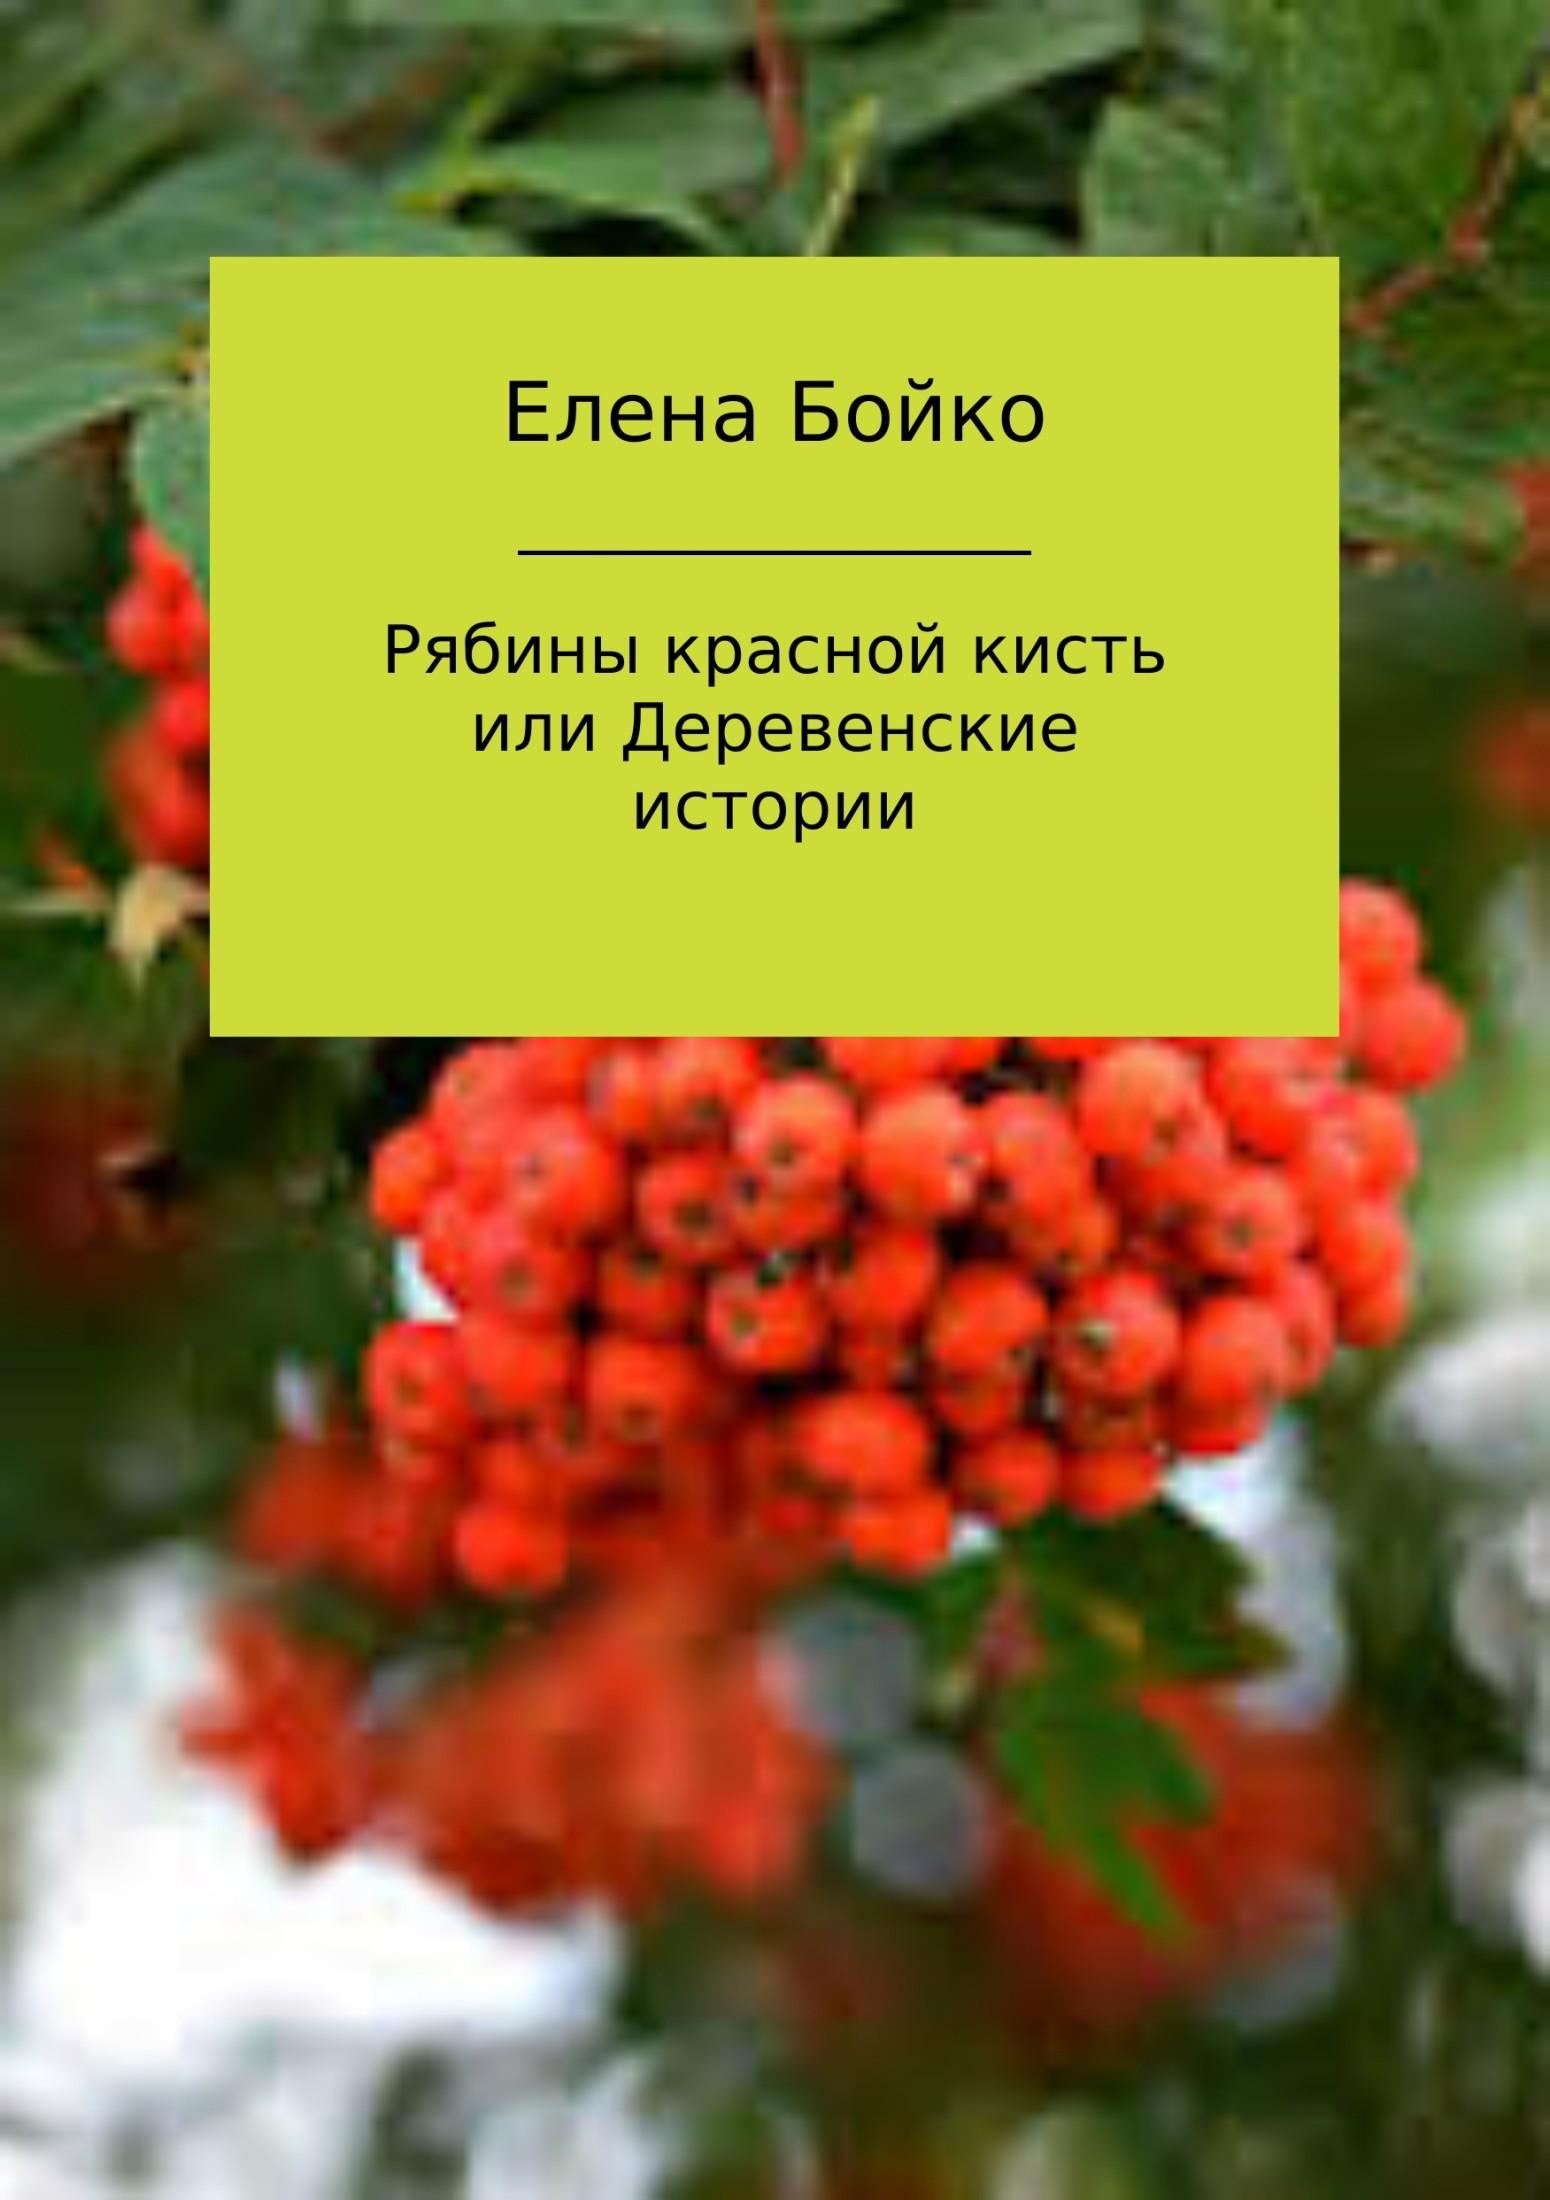 Книга Рябины красной кисть, или Деревенские истории